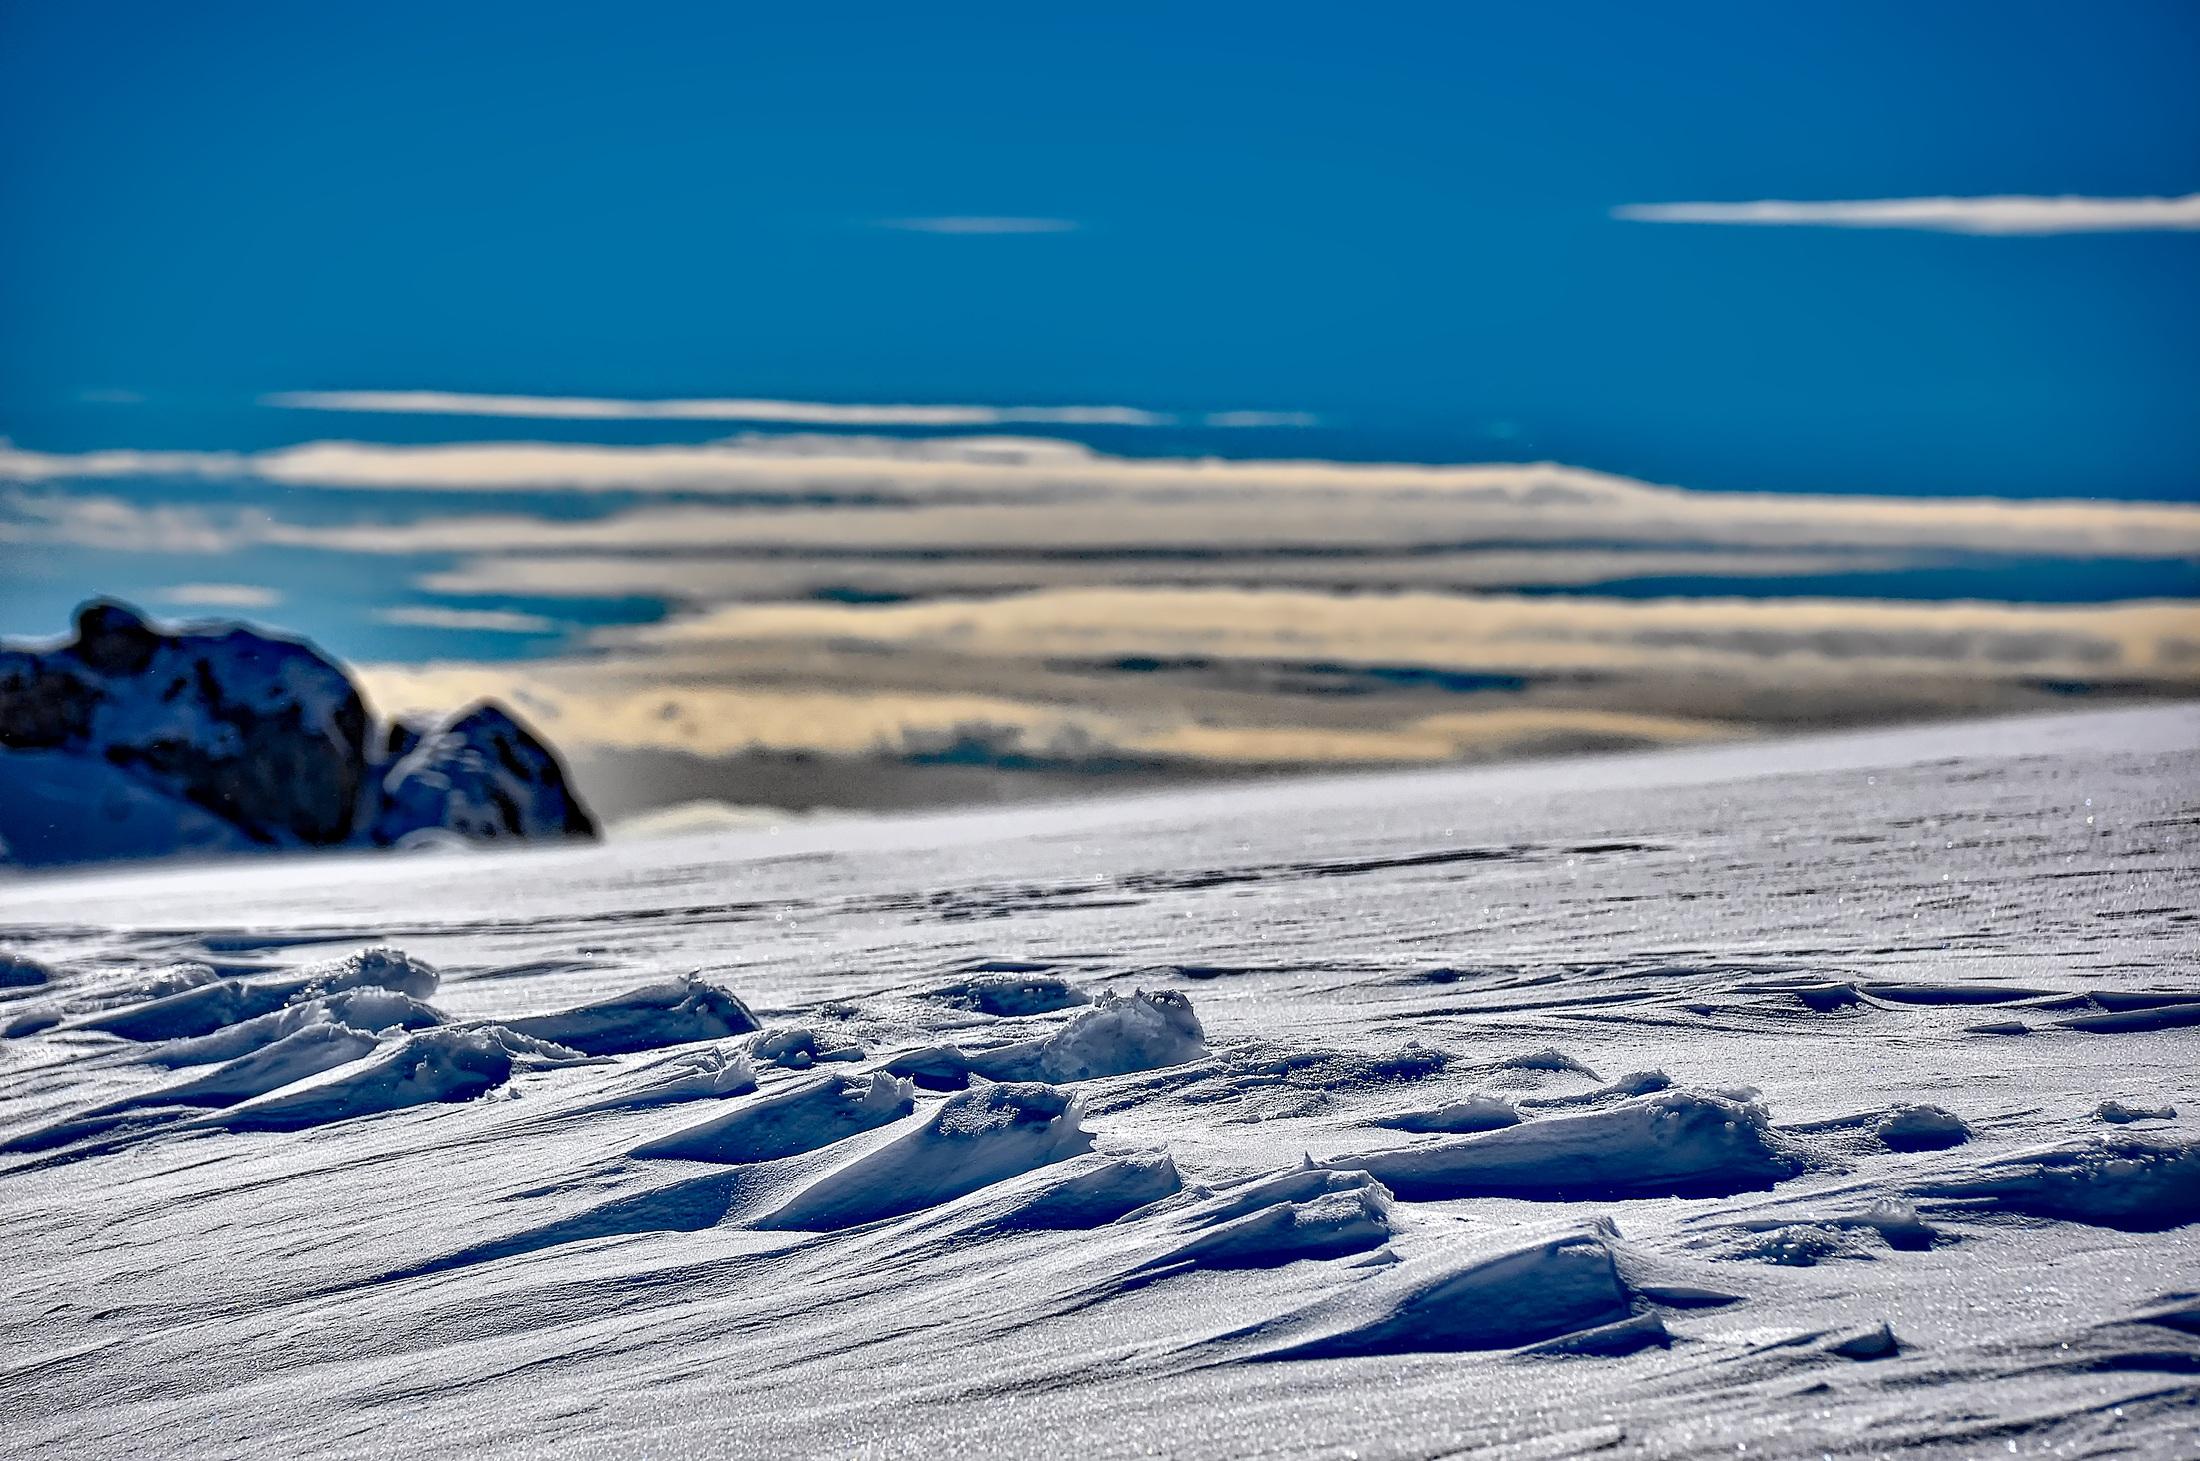 картинки арктической пустыни летом и зимой самое коснулось